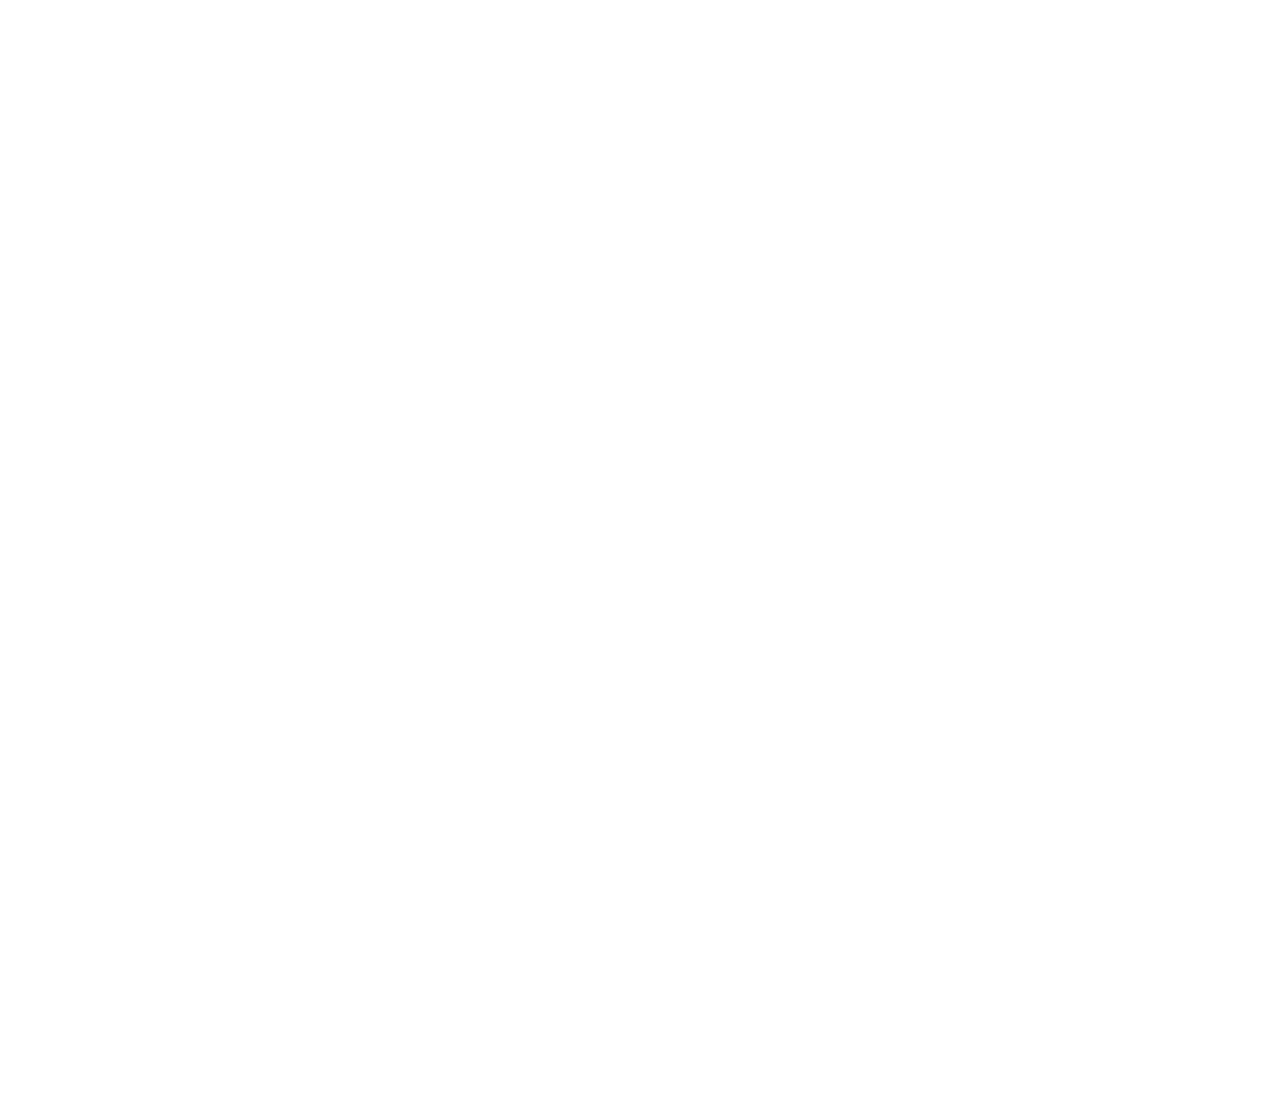 Ruth - Final_White